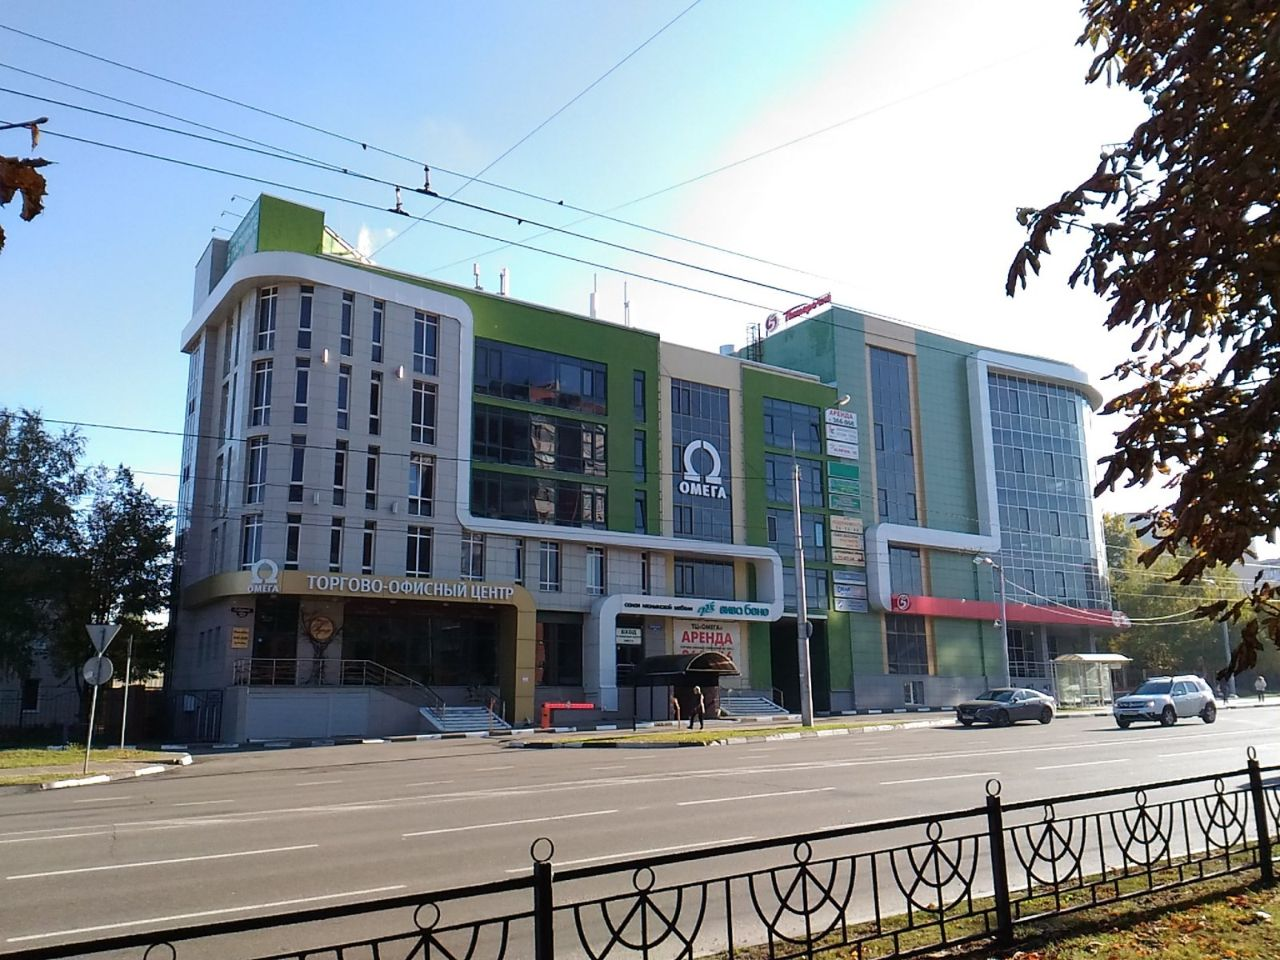 Коммерческая недвижимость аренда белгород аренда офиса от собственника аэропорта